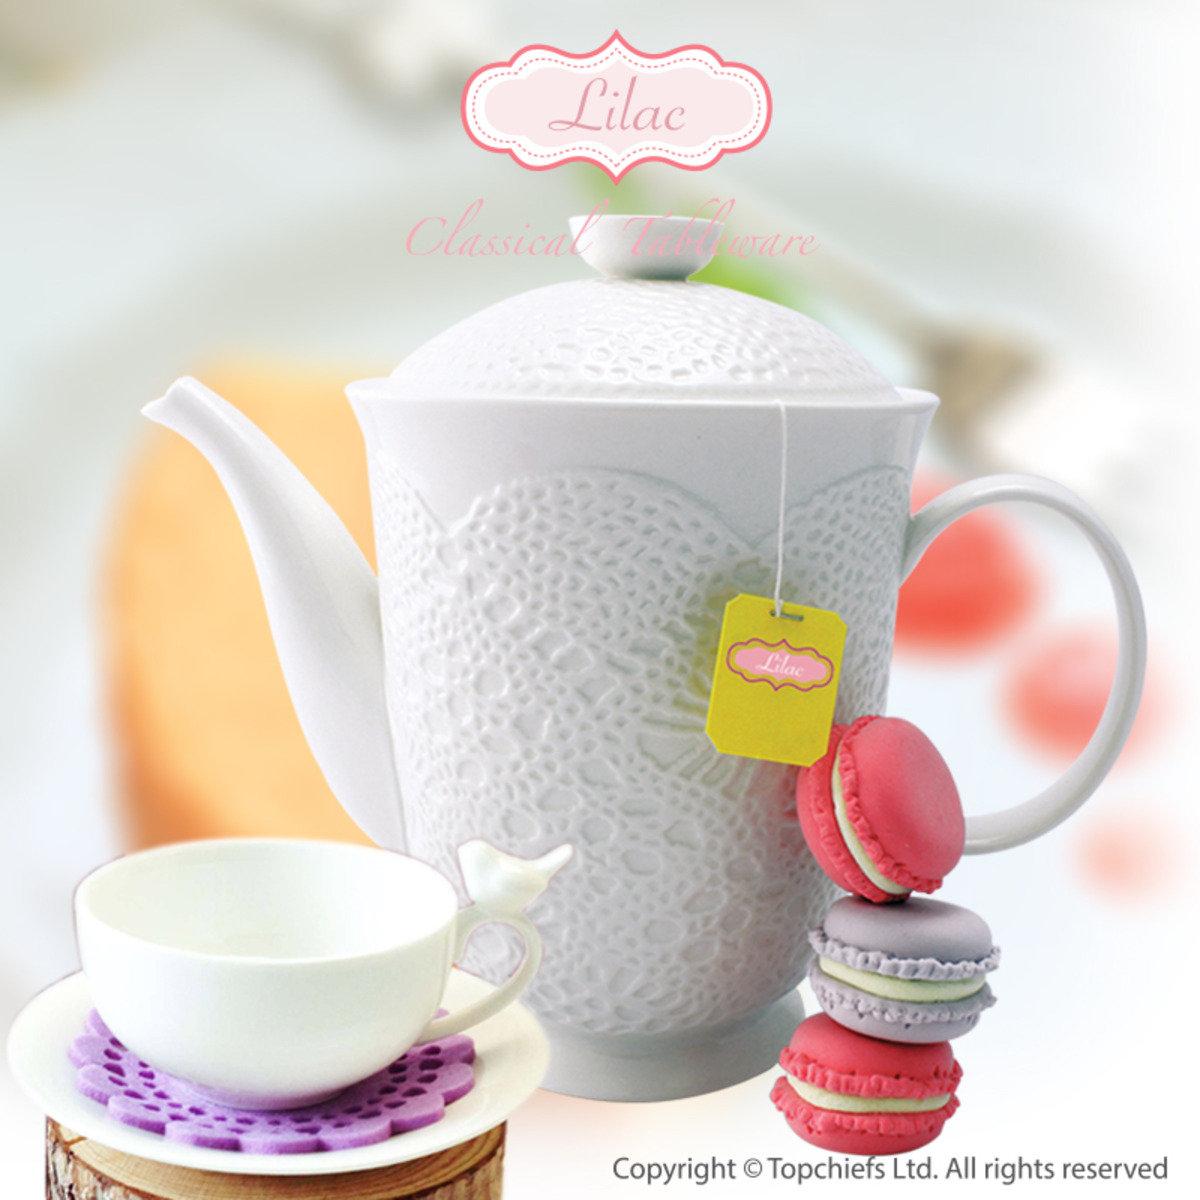 白色立體古典蕾絲茶壺+小鳥茶杯套裝